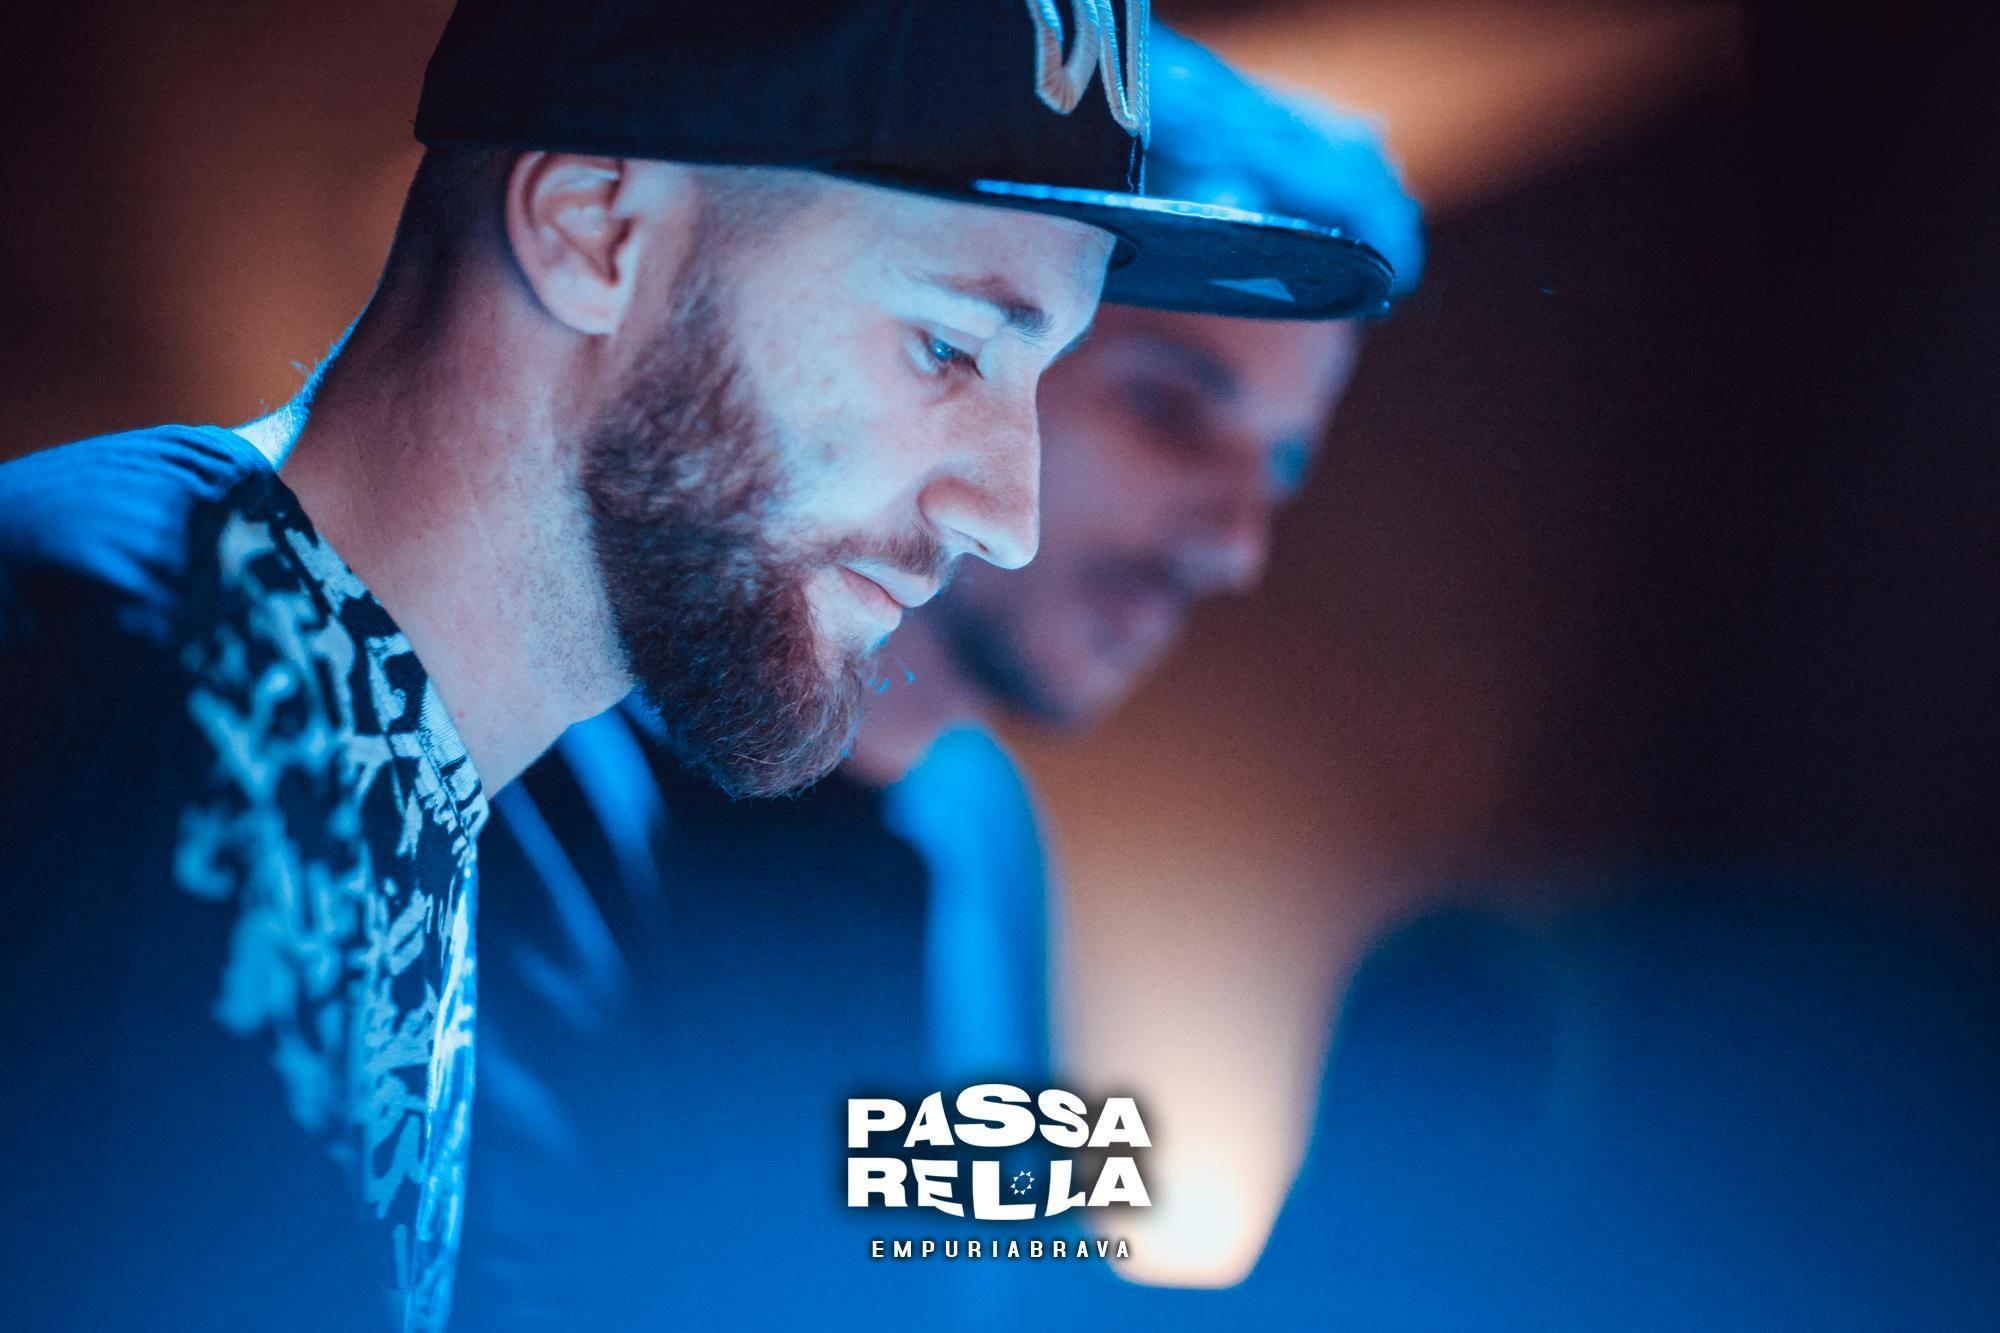 Dulo & Espi @Passarel·la 2k18